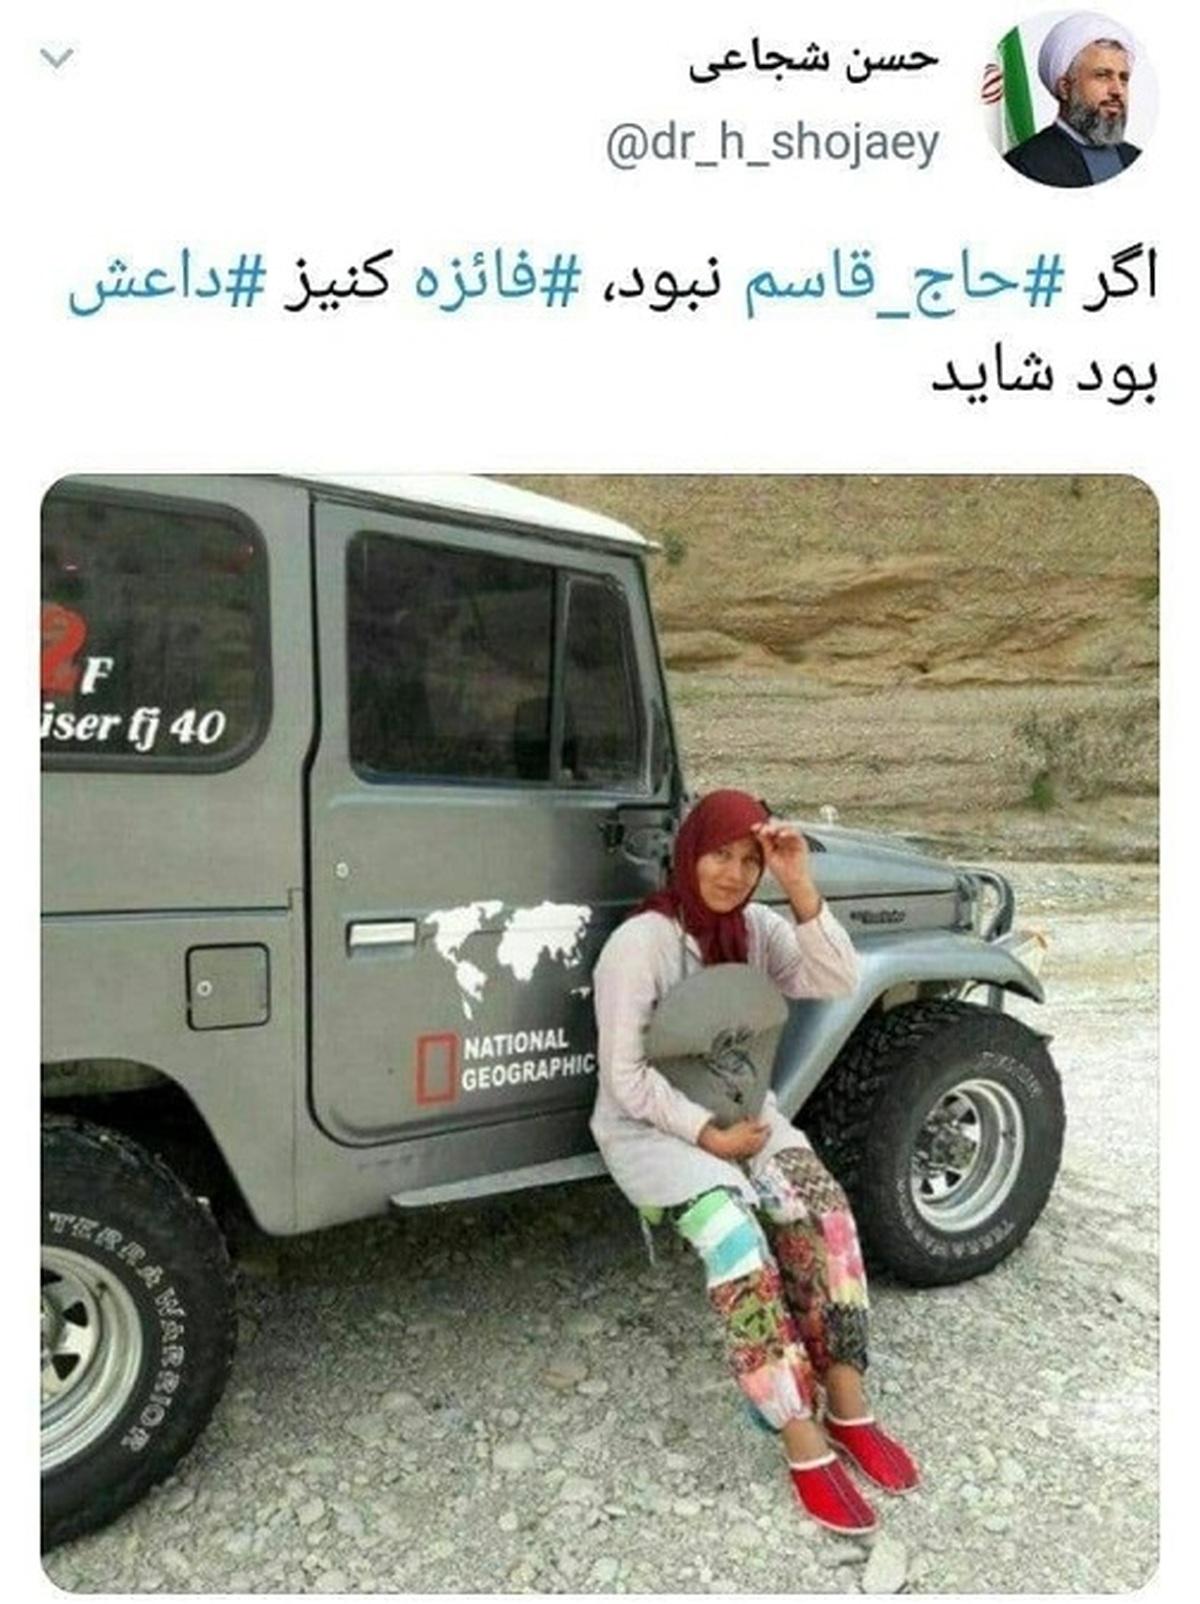 نماینده مجلس خطاب به فائزه هاشمی: اگر حاج قاسم نبود کنیز داعش بودی (+عکس)